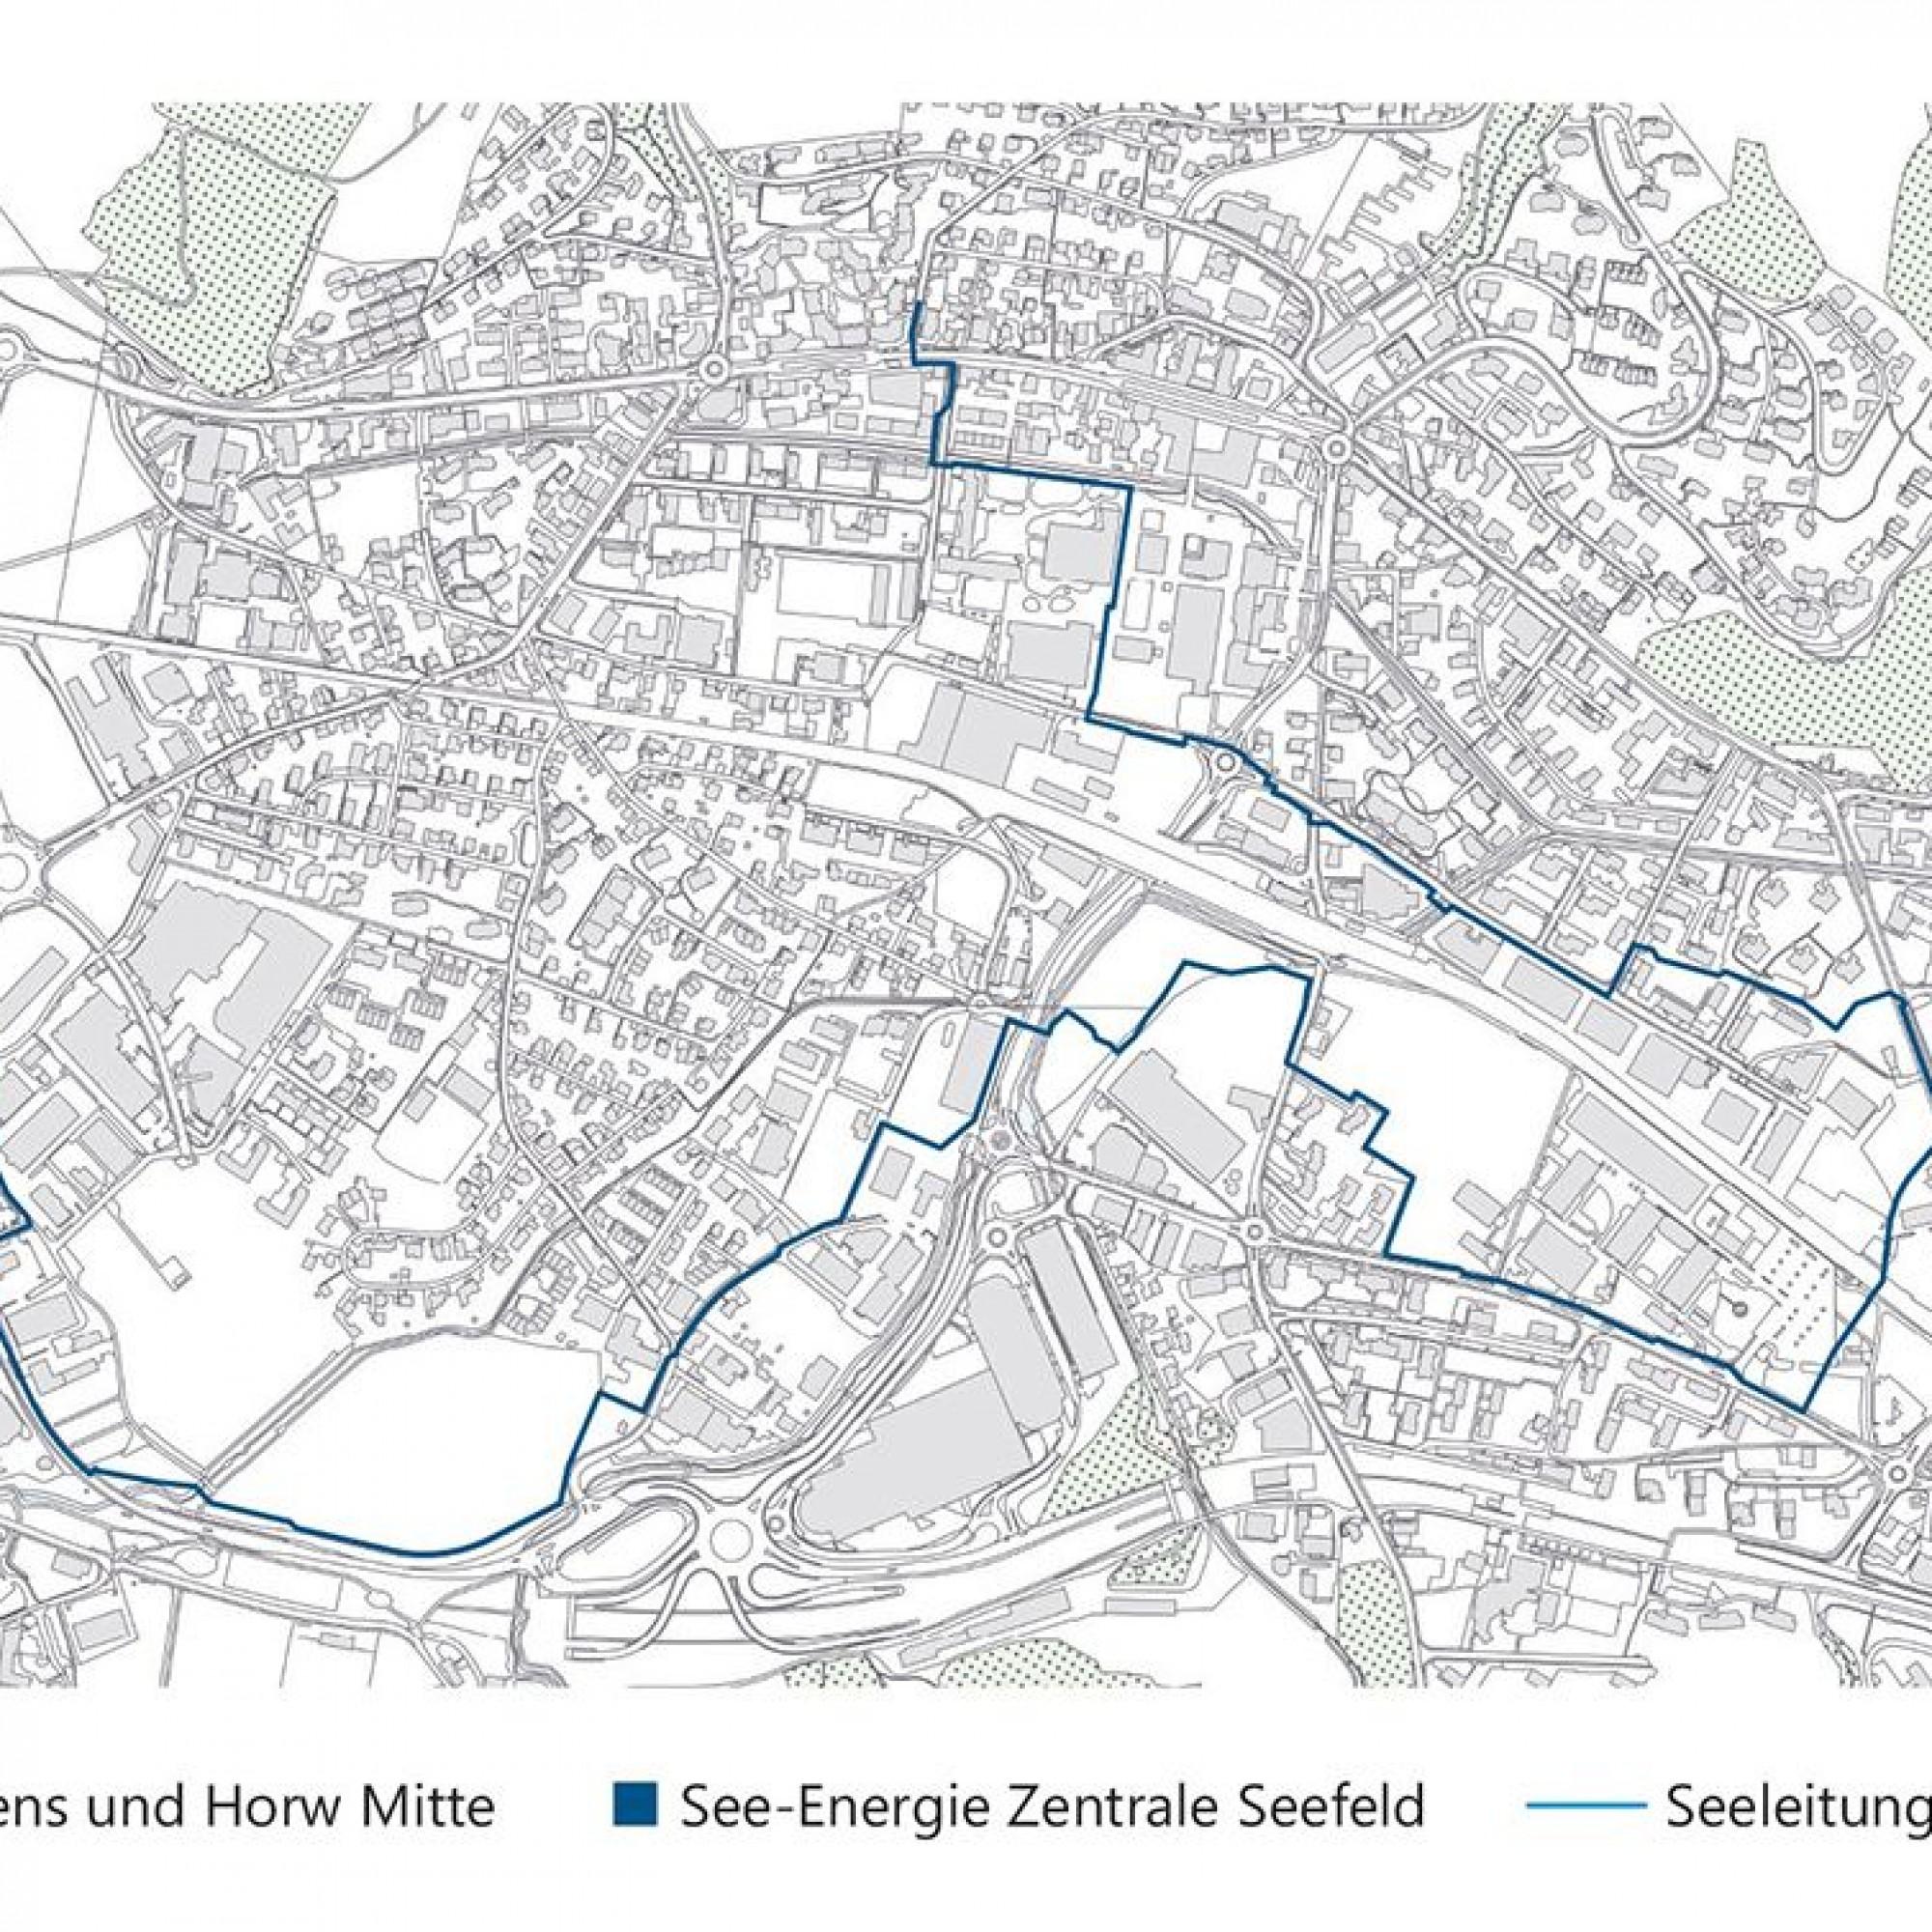 So sieht das See-Energie-Netz in Horw und Kriens aus. Zurzeit sind rund 30 Quartierzentralen geplant.